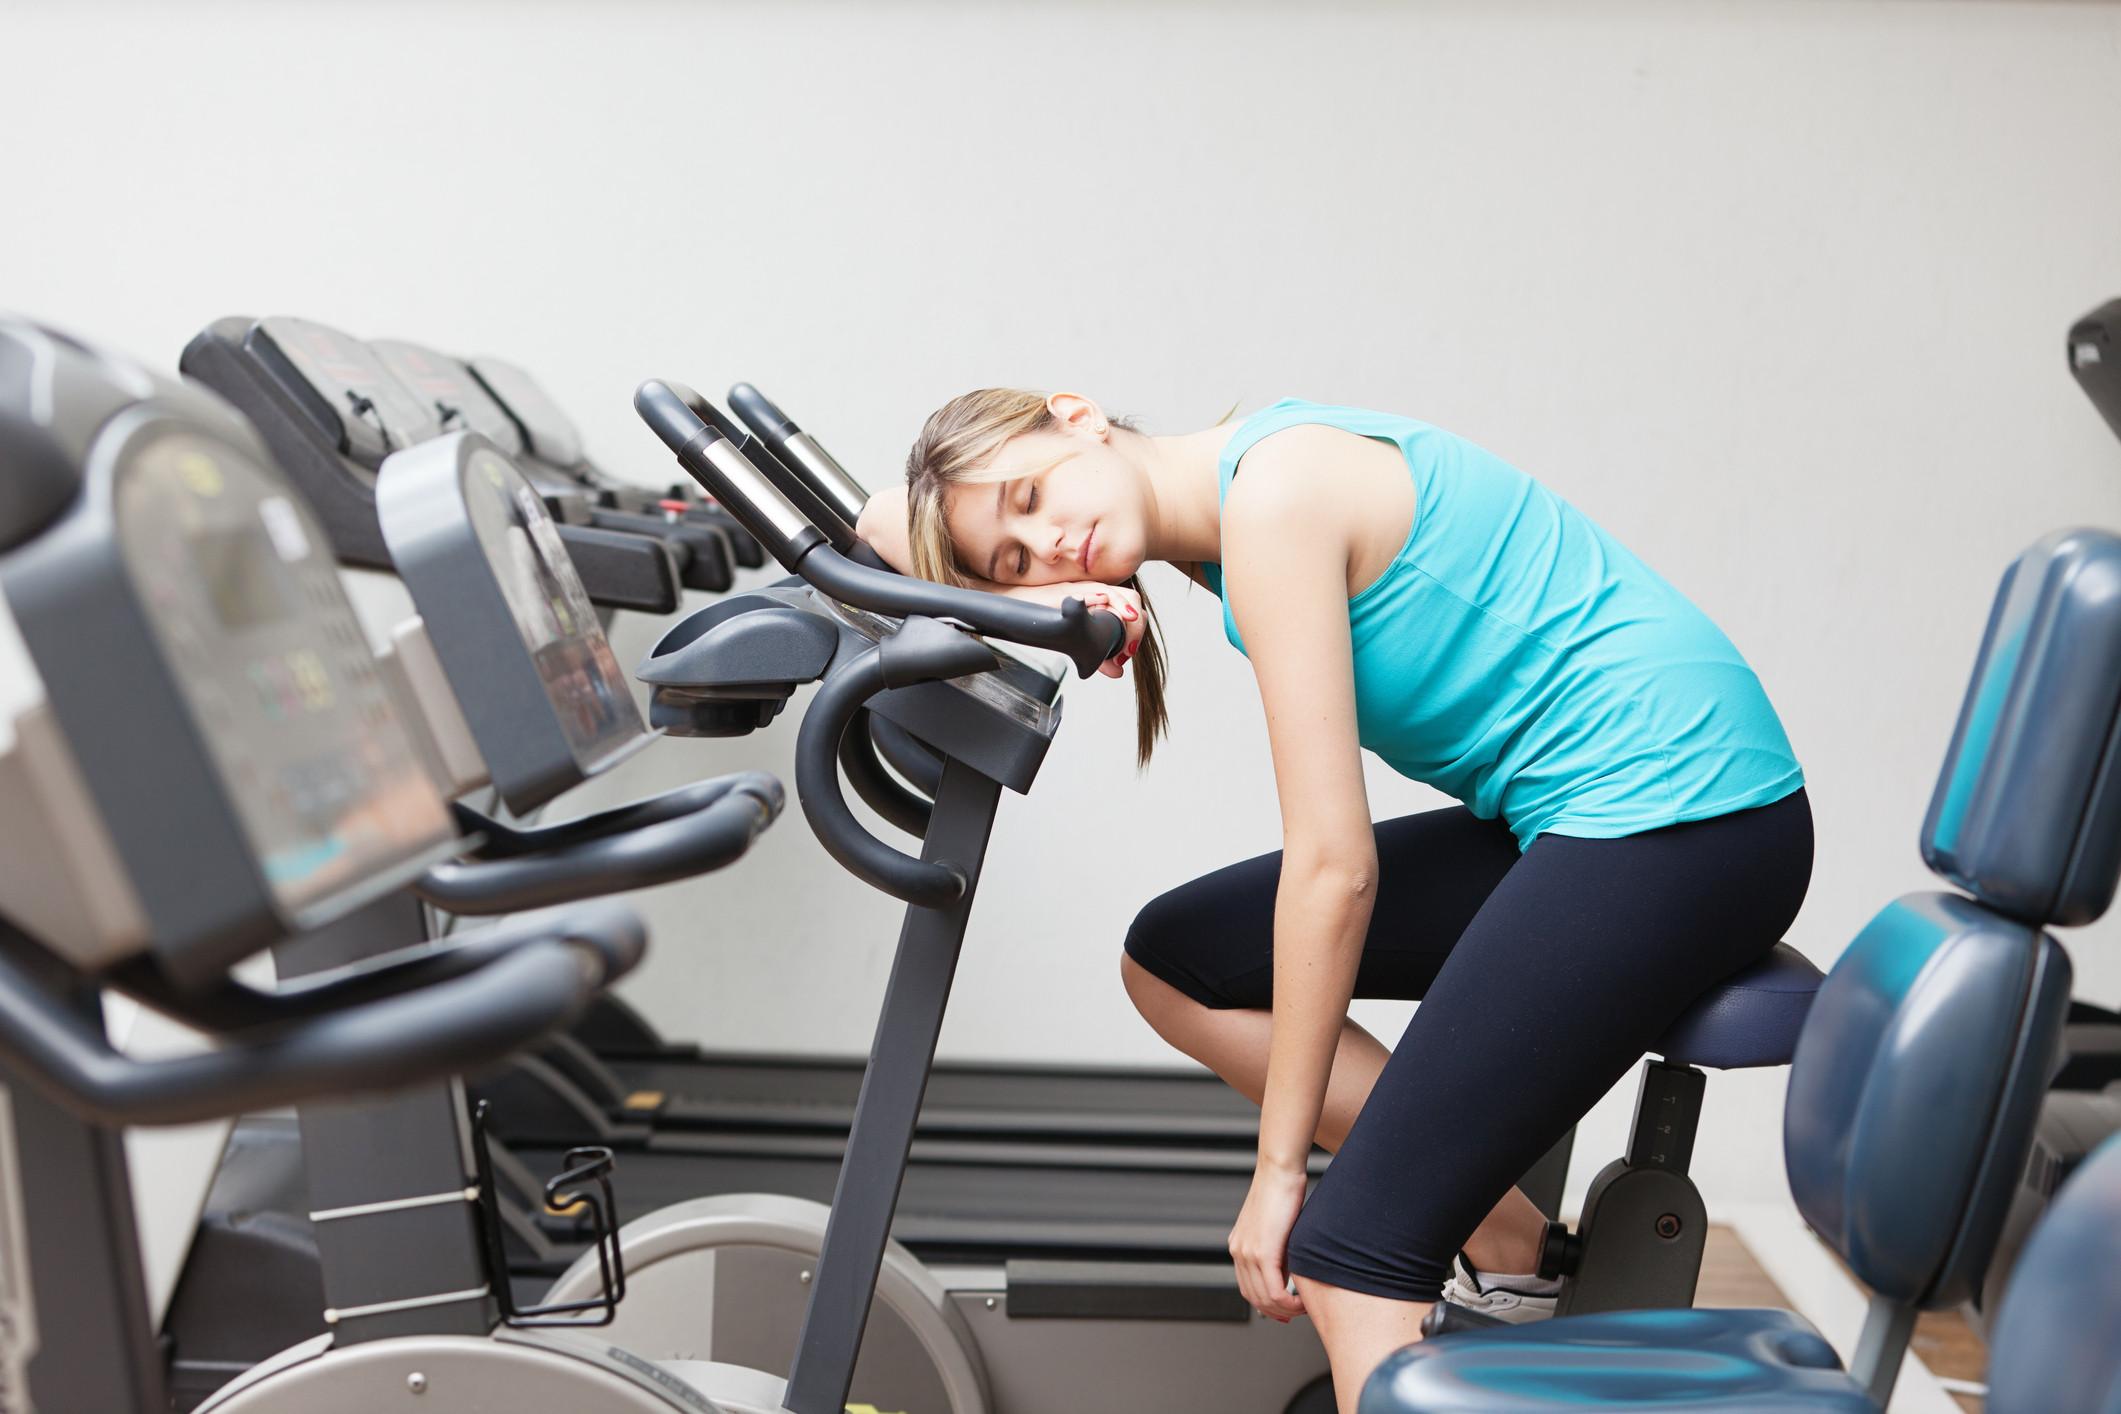 But I don't feel like exercising…